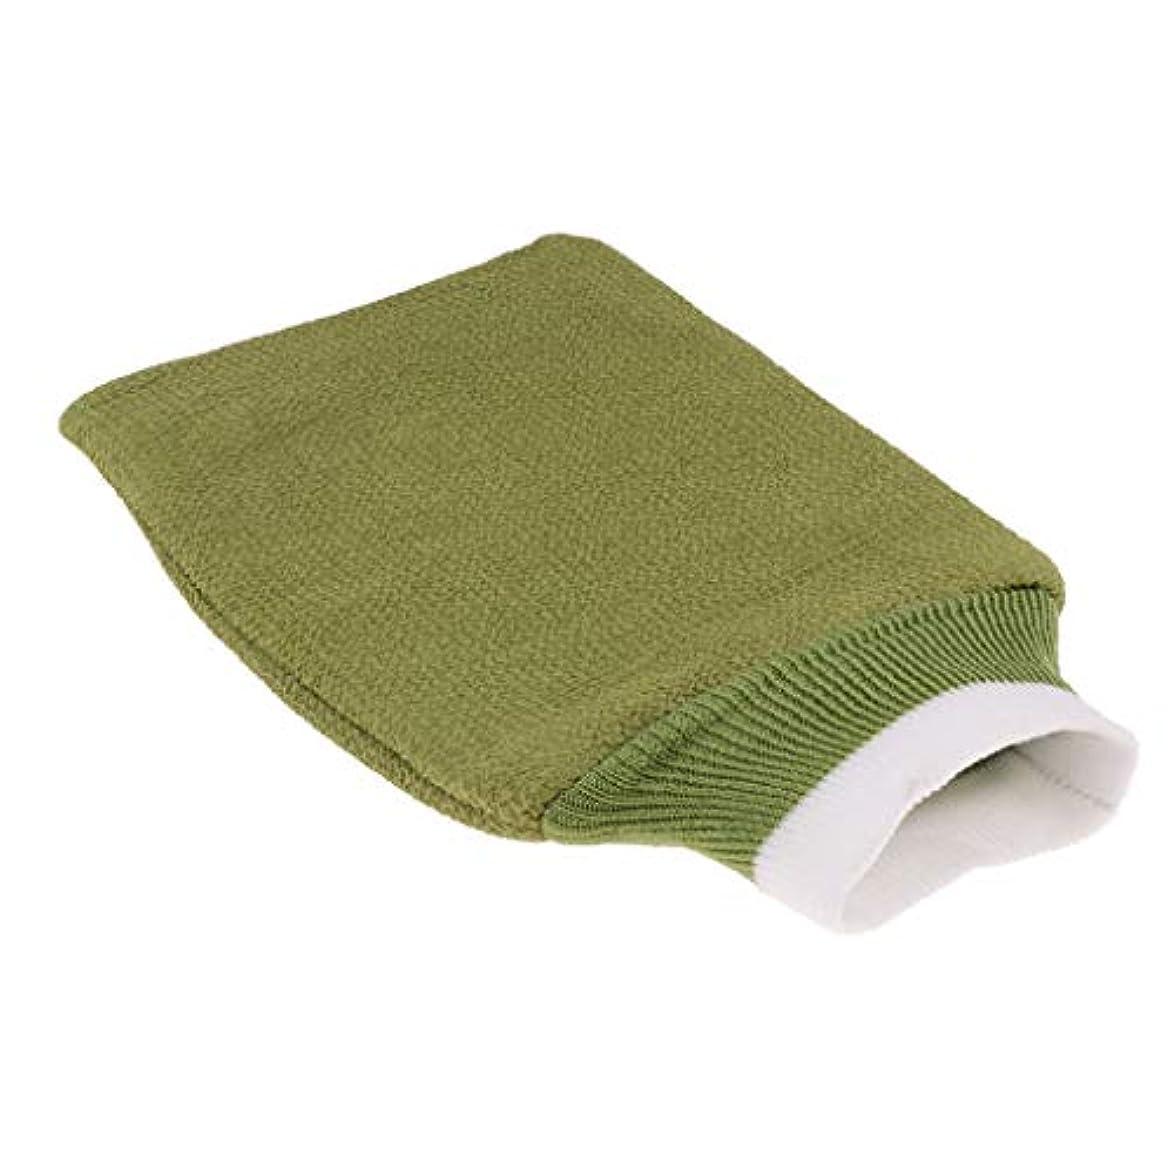 金属意味する標高バスグローブ 浴用手袋 シャワー用 バスミット 垢すり手袋 毛穴清潔 角質除去 男女兼用 全3色 - 緑